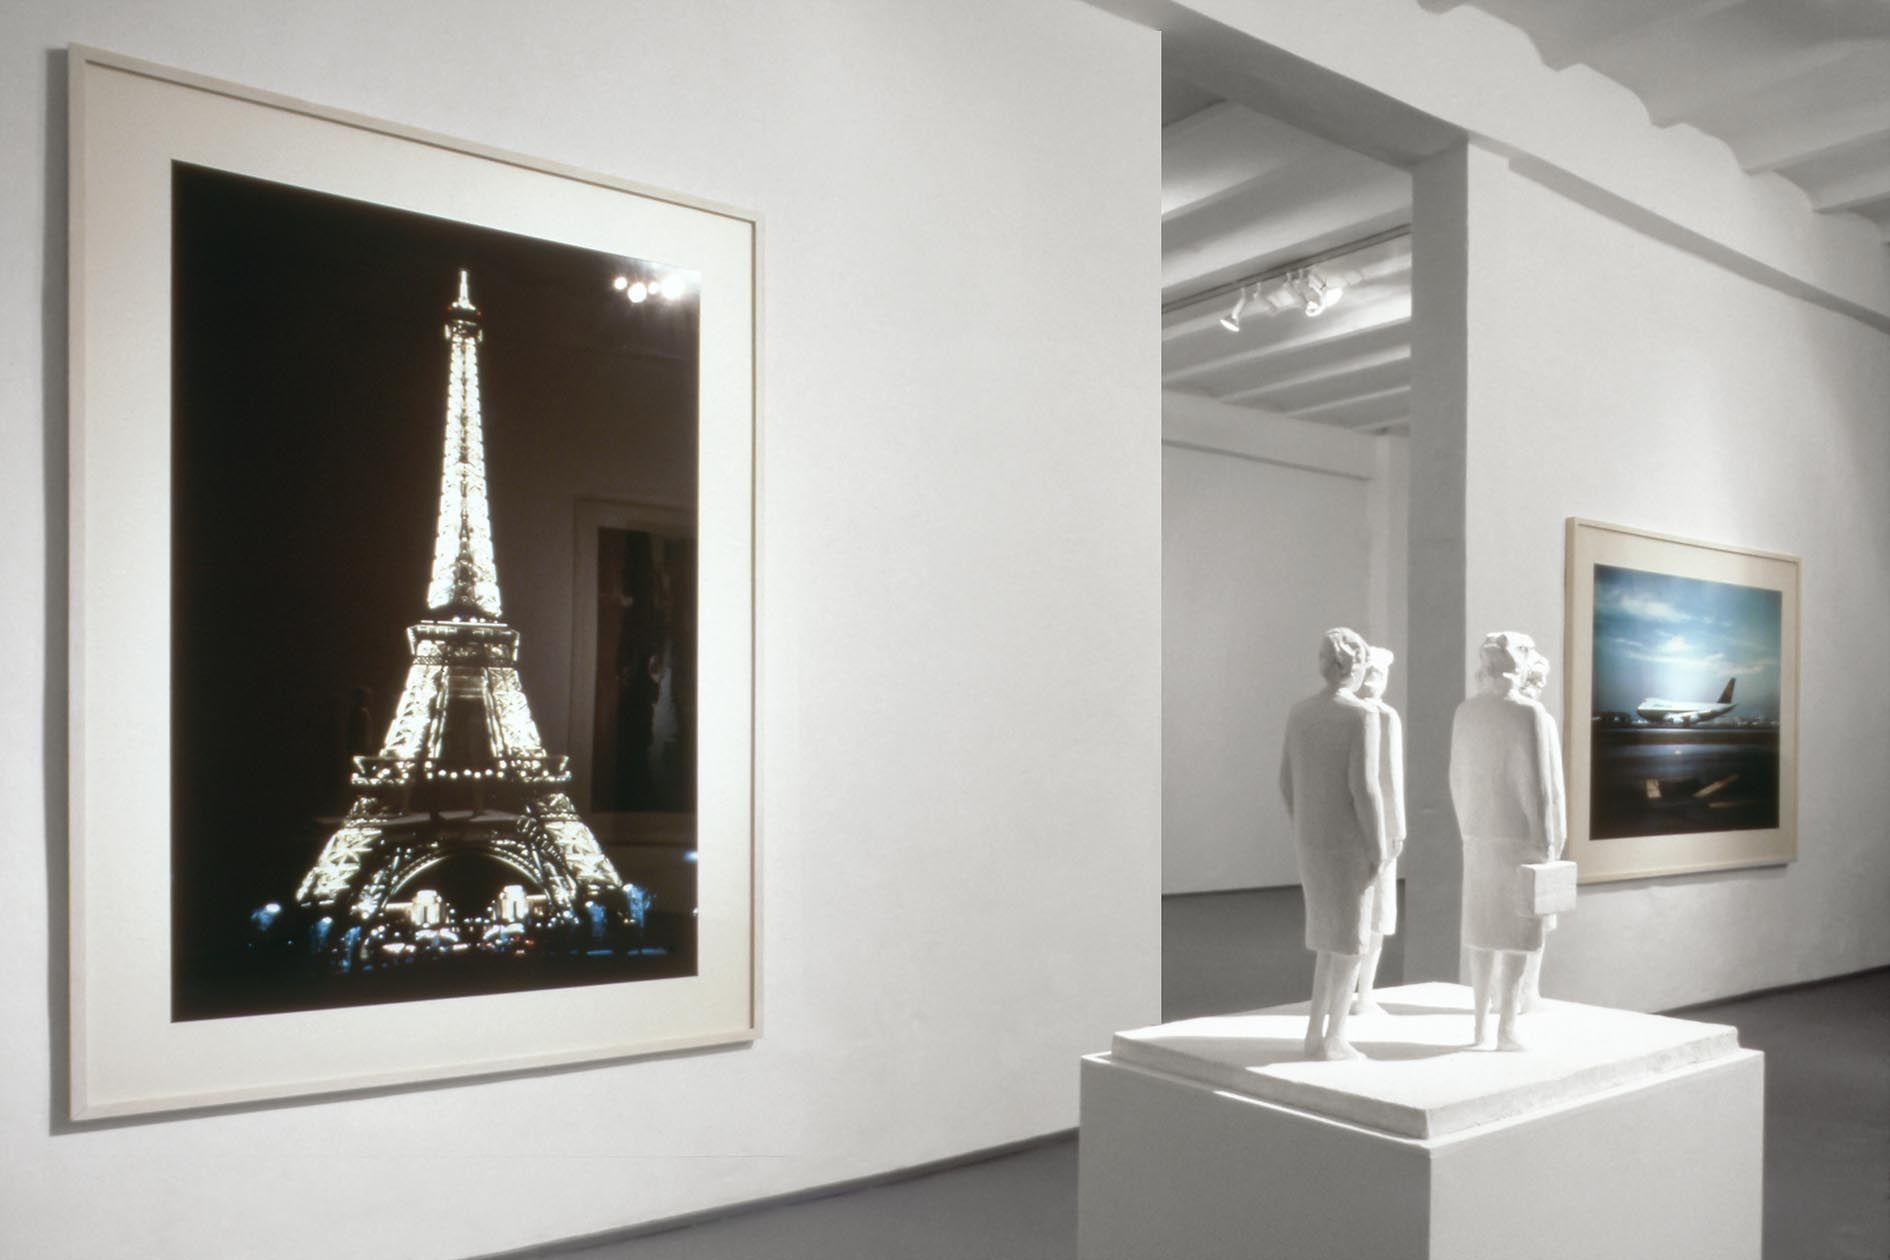 Peter FischliDavid Weiss – Skulpturen und Fotografie – Cologne